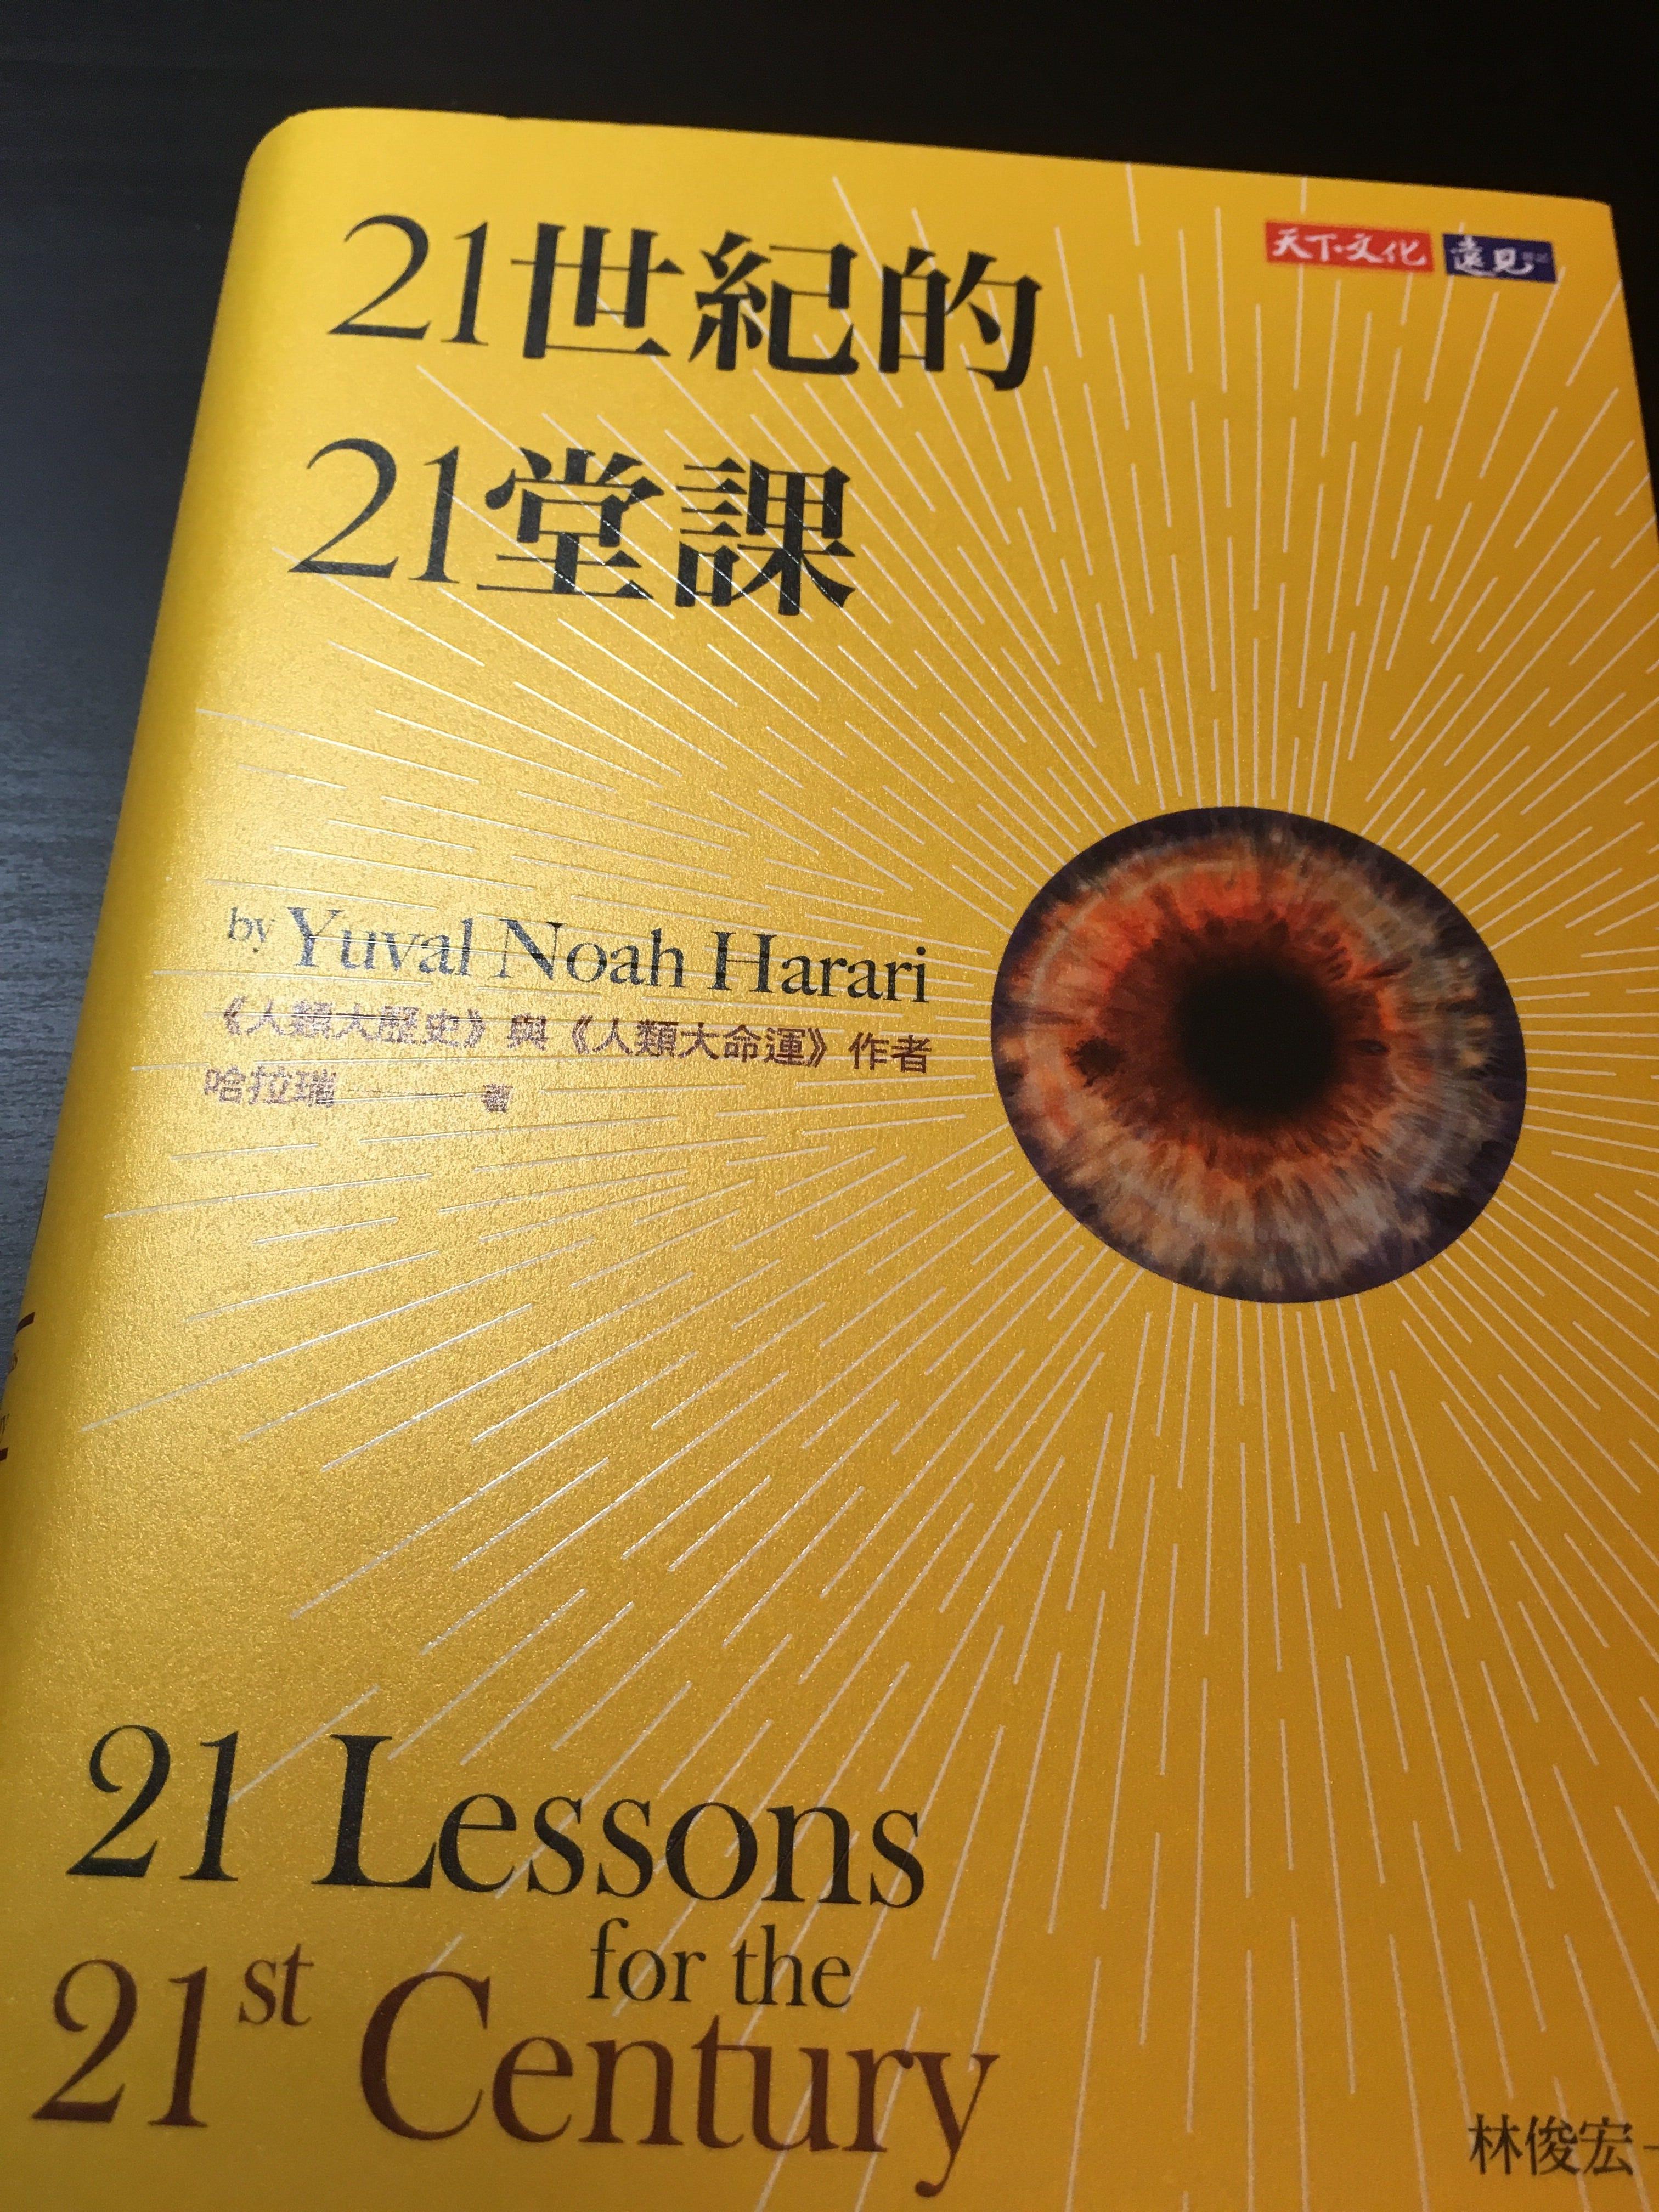 《21世紀的21堂課》摘要. 關於工作與教育的章節。 | by 吳致賢(Jhih-Sian Wu) | 一個人的文藝復興 | Medium